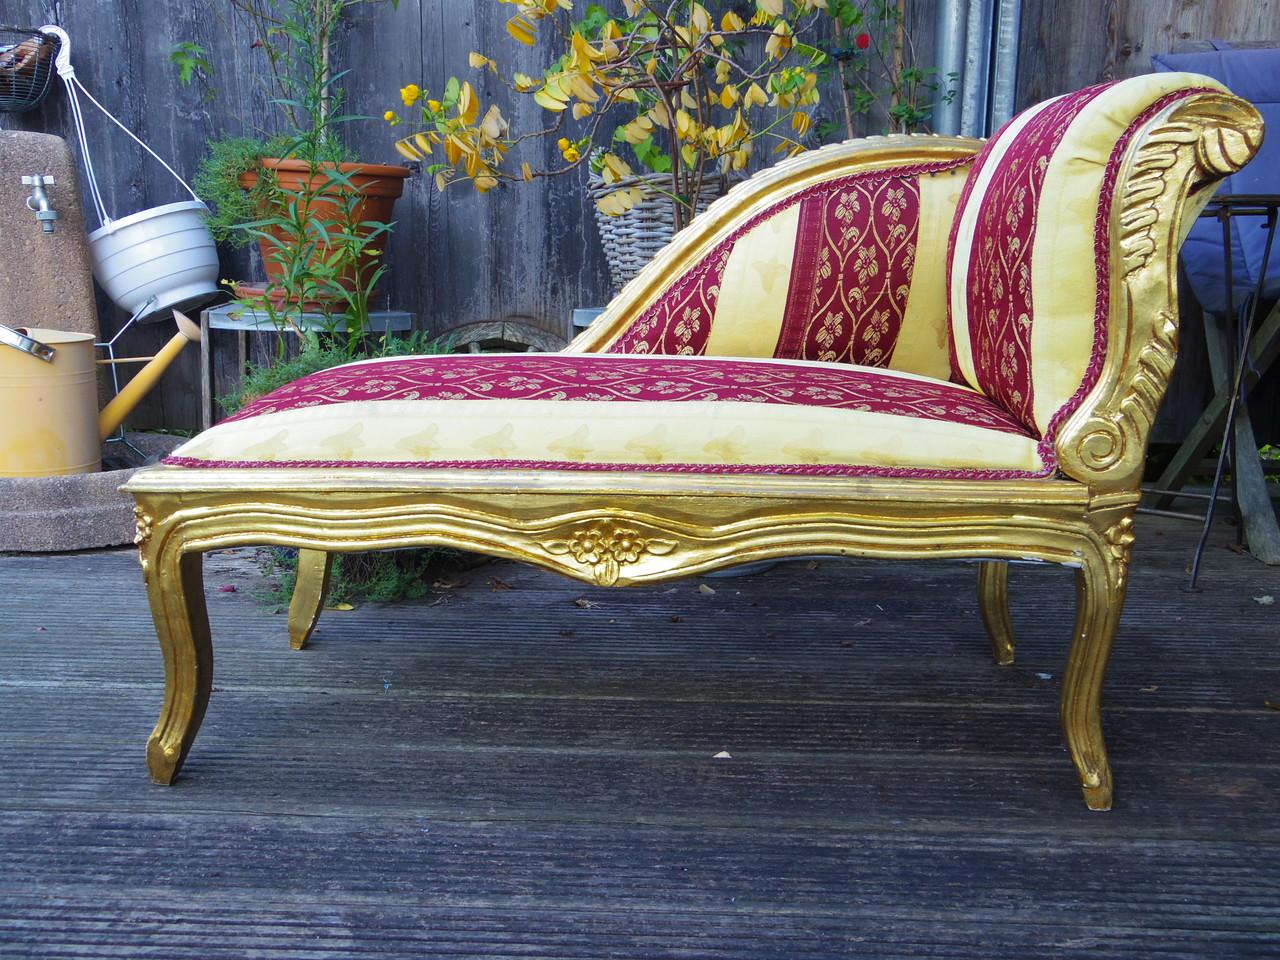 Full Size of Recamiere Barock Mbel Aufgembelt Unikate Sofa Mit Bett Wohnzimmer Recamiere Barock